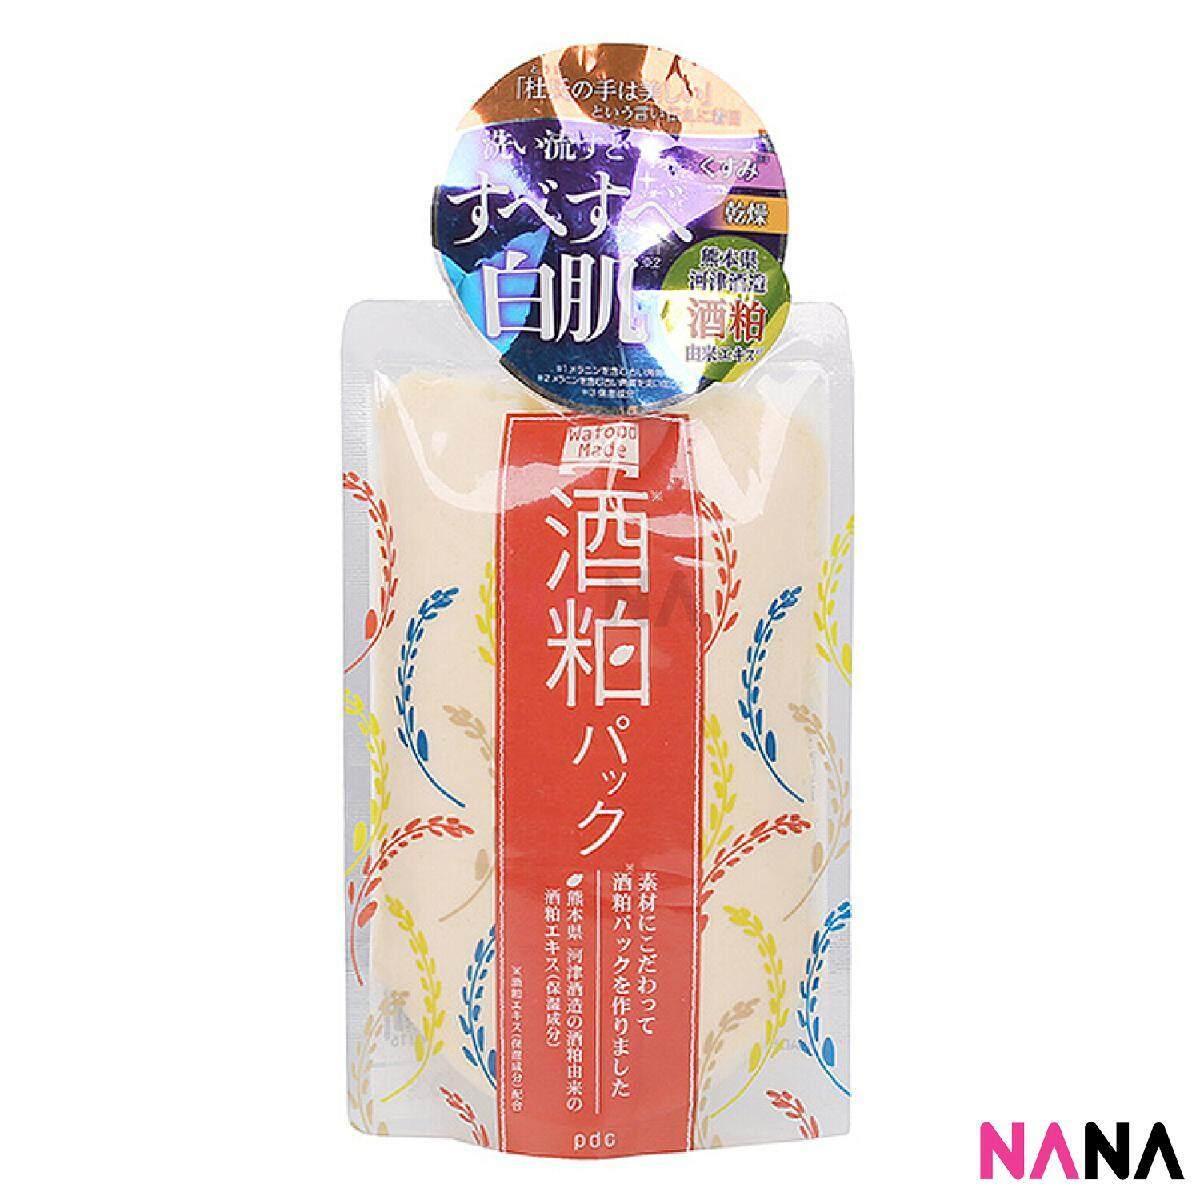 PDC Wafood Made Sake Pack 170g